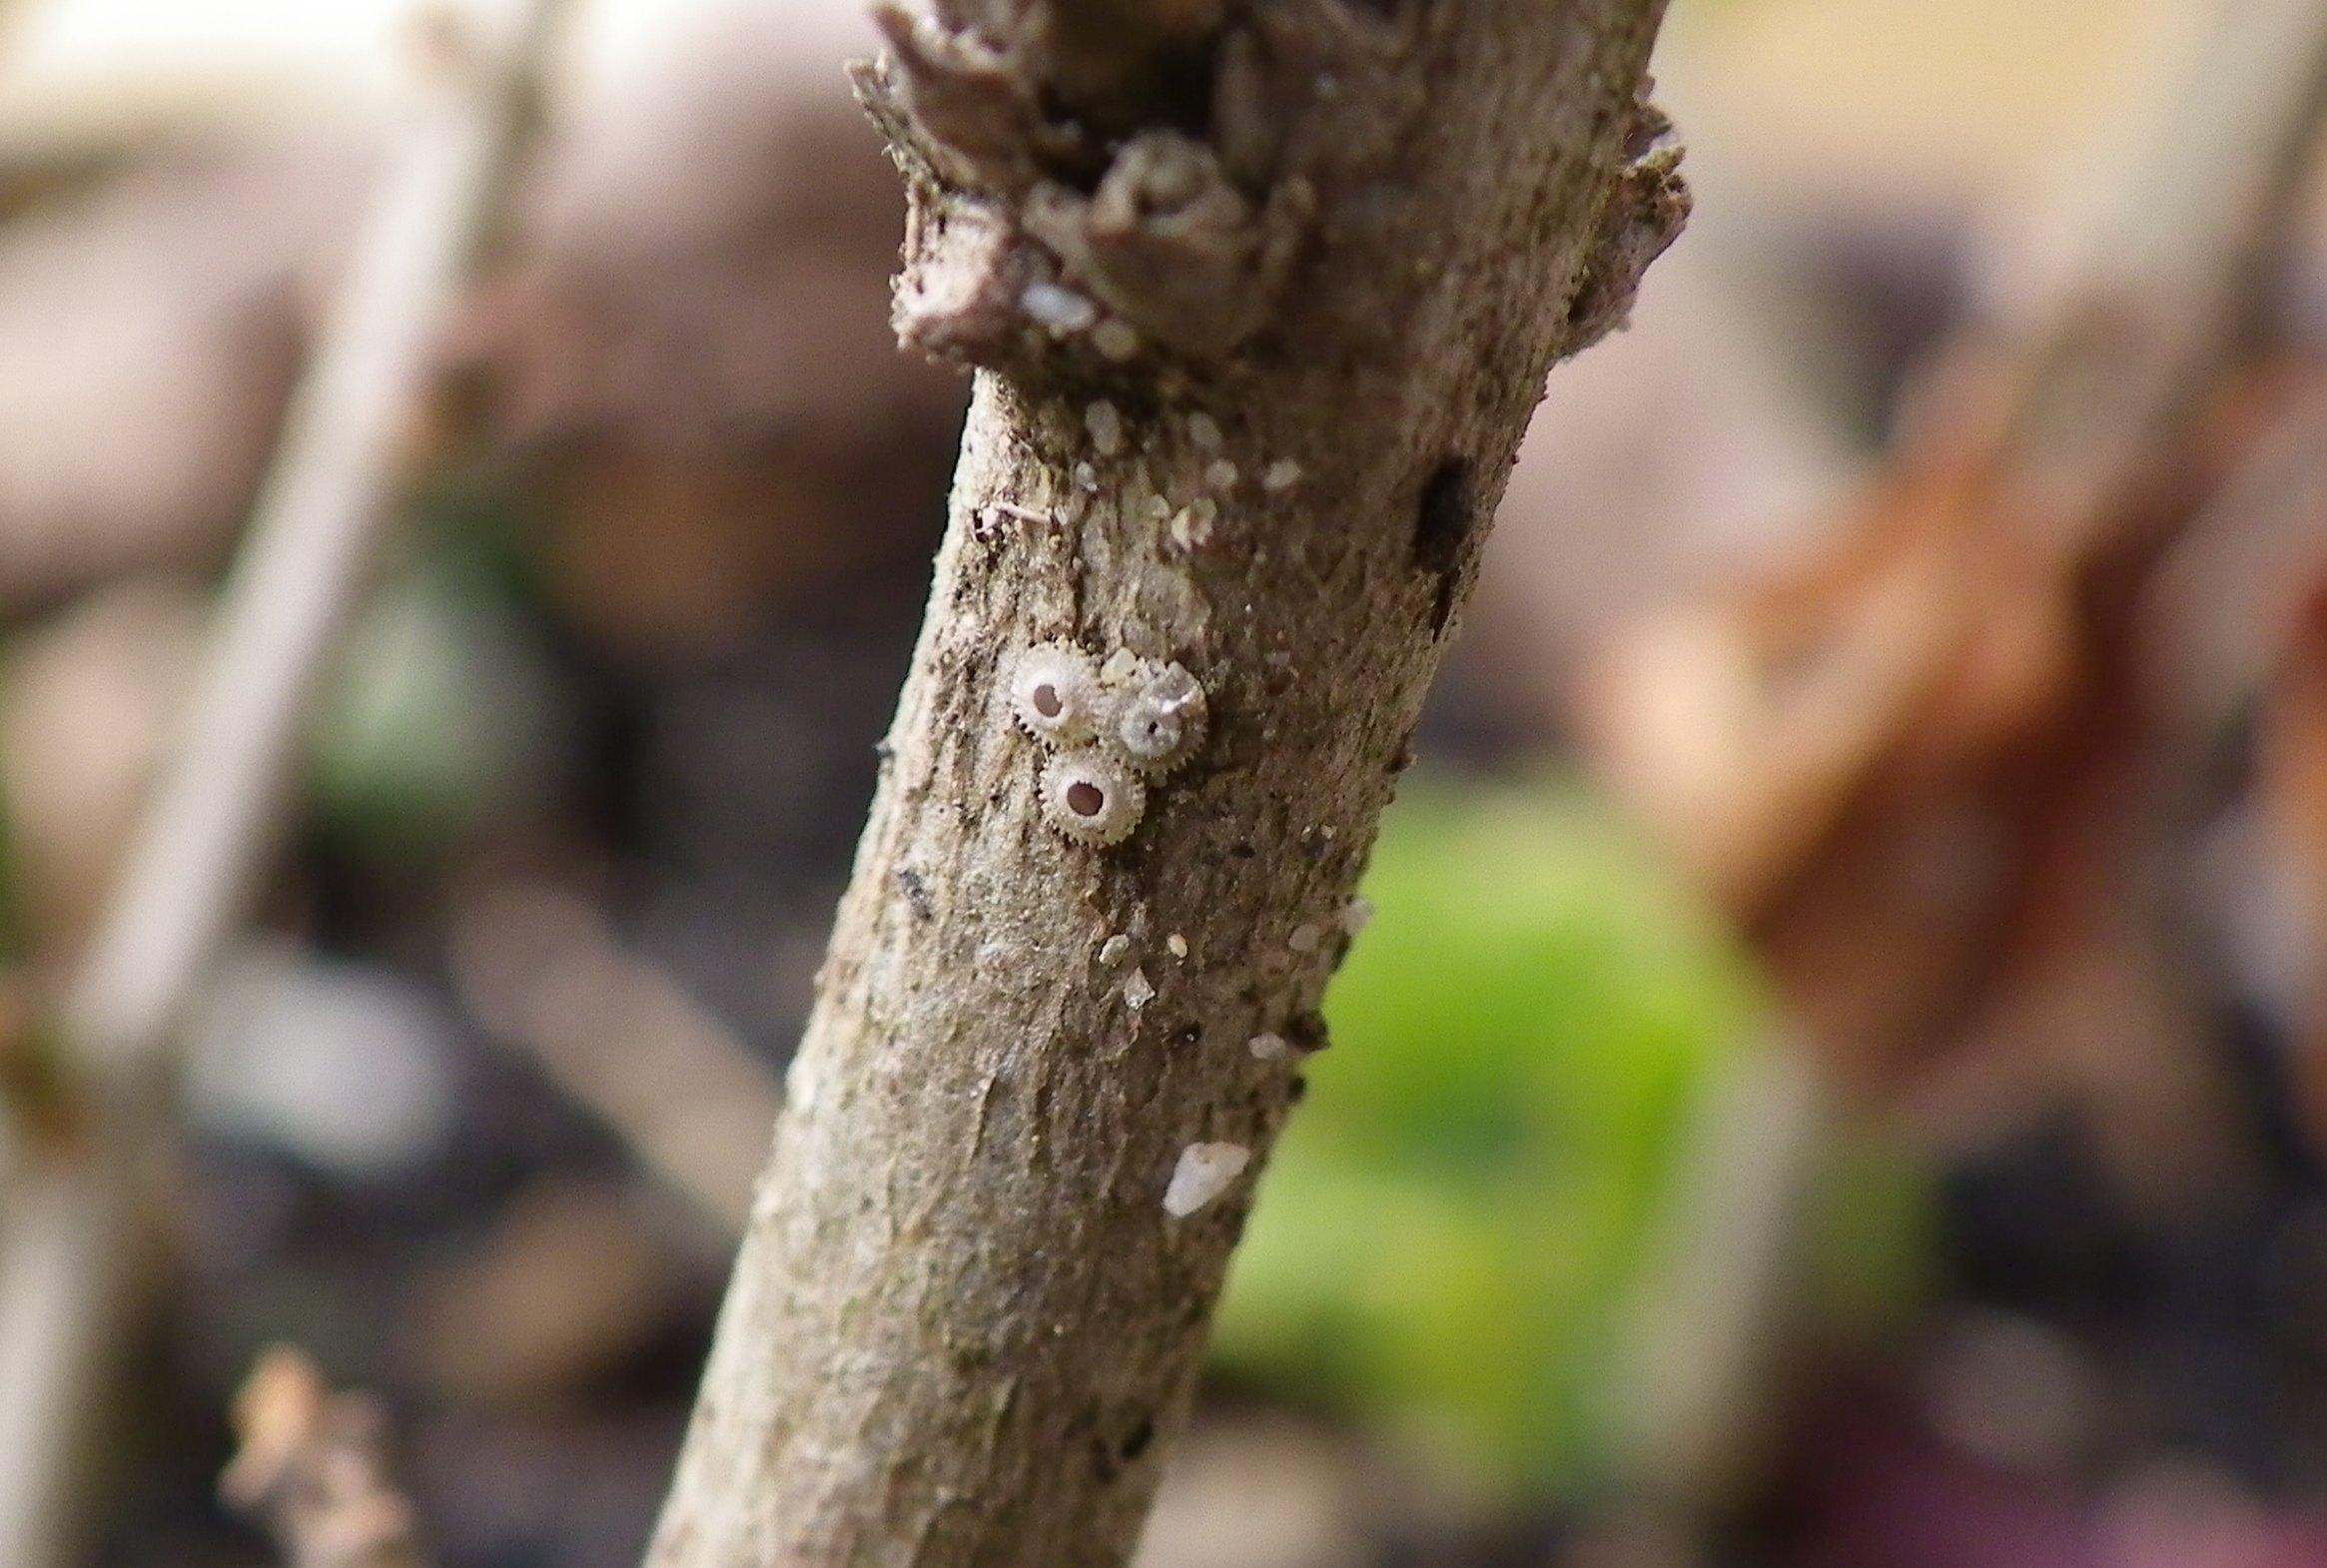 ウラゴマダラシジミ幼虫達  3月12日_d0254540_19435065.jpg